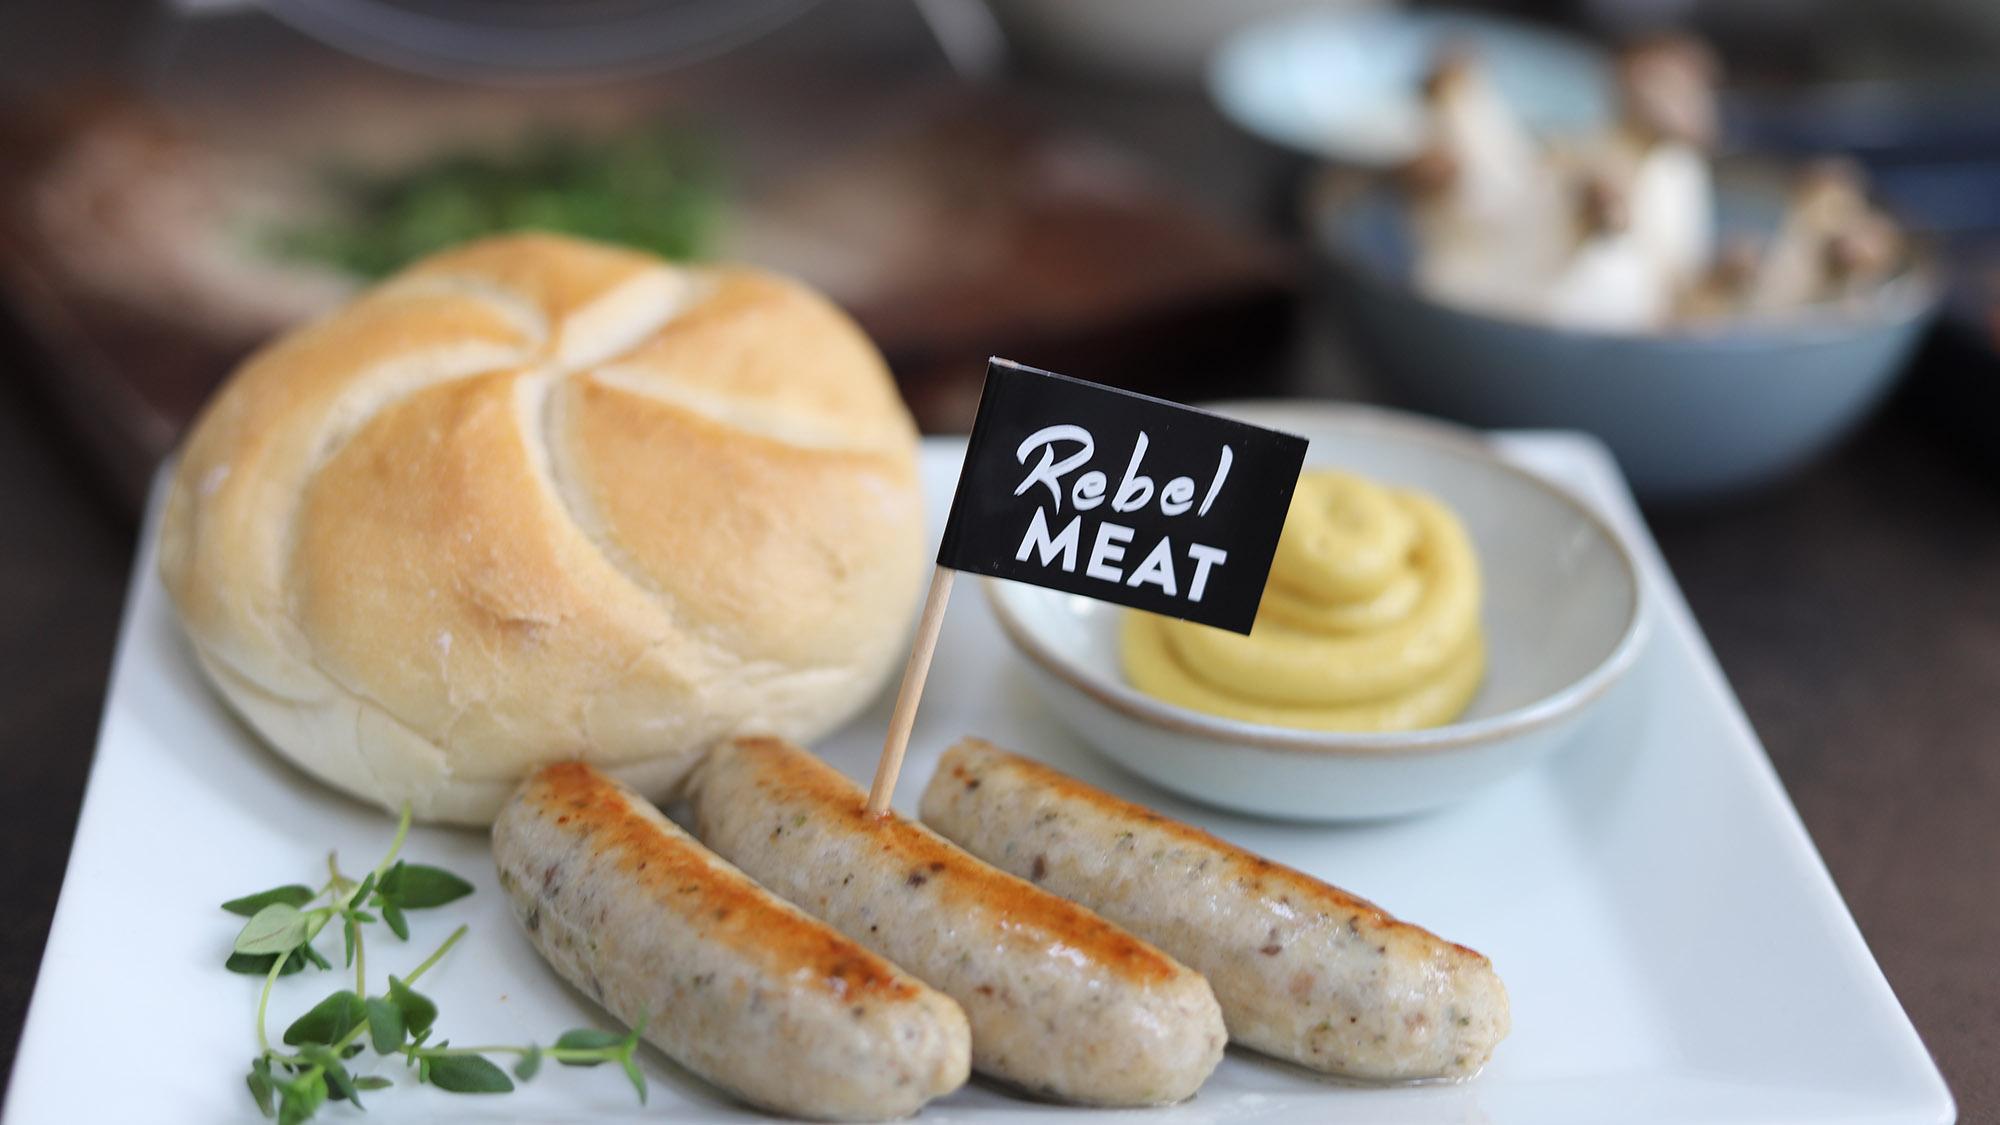 Schmeckt wie Bratwurst, ist aber zur Hälfte aus Reis und Pilz © Rebel Meat